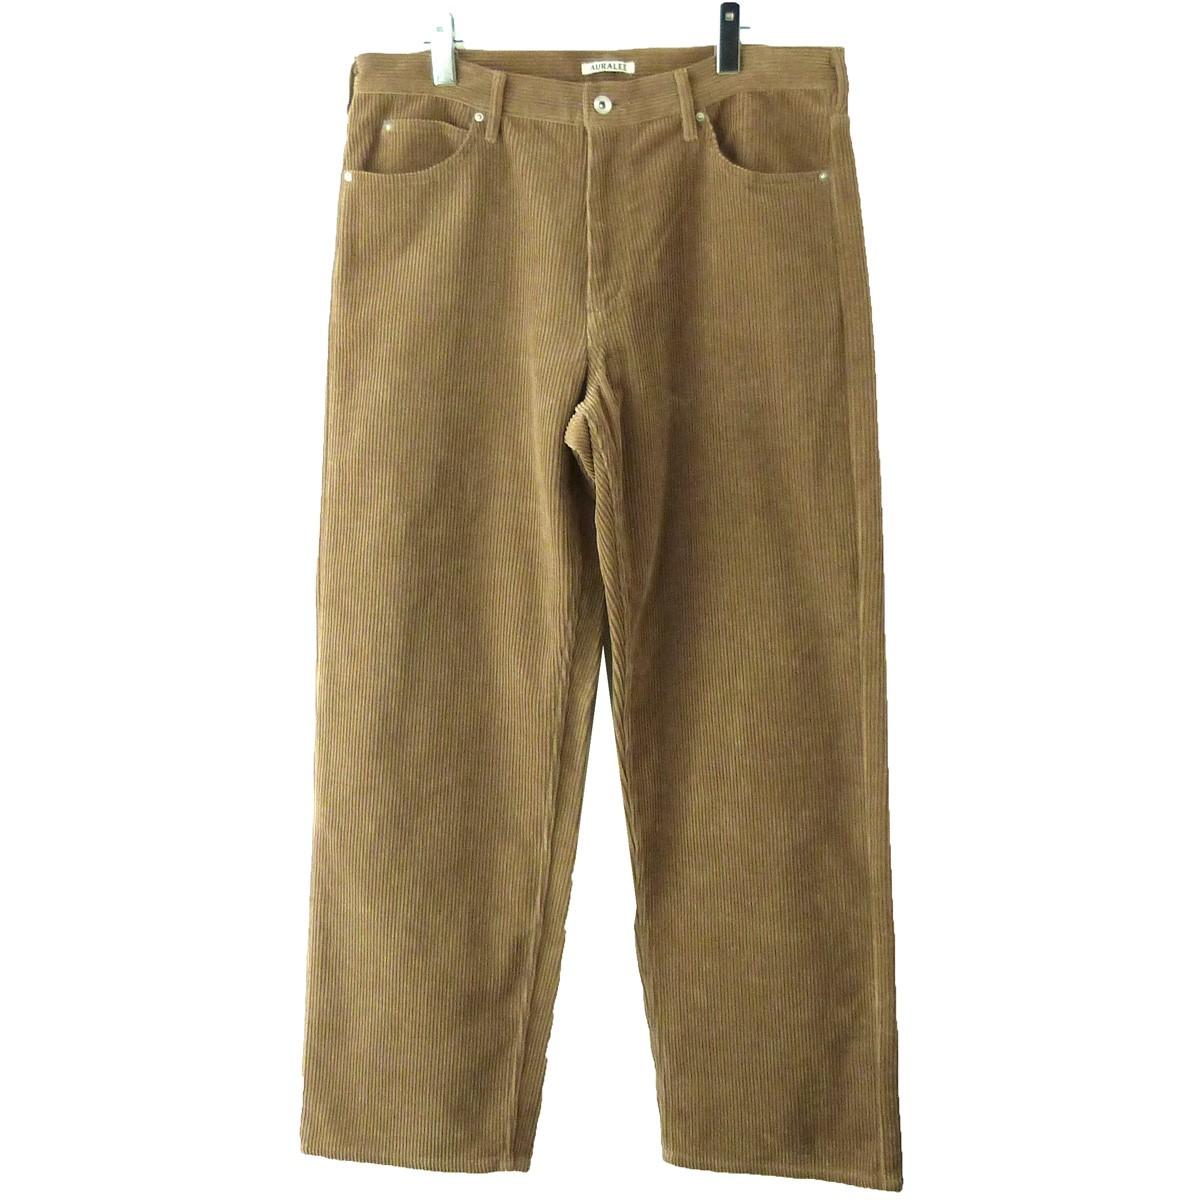 【中古】AURALEE 19AW「WASHED CORDUROY 5P PANTS」コーデュロイパンツ ベージュ サイズ:5 【140120】(オーラリー)